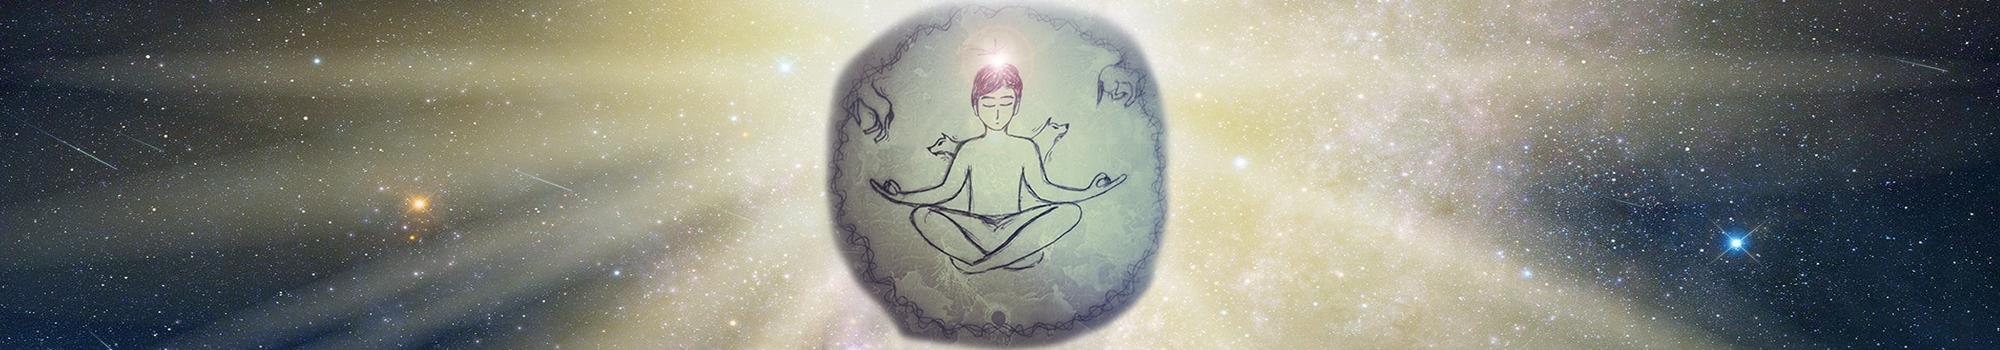 Vida consciencia